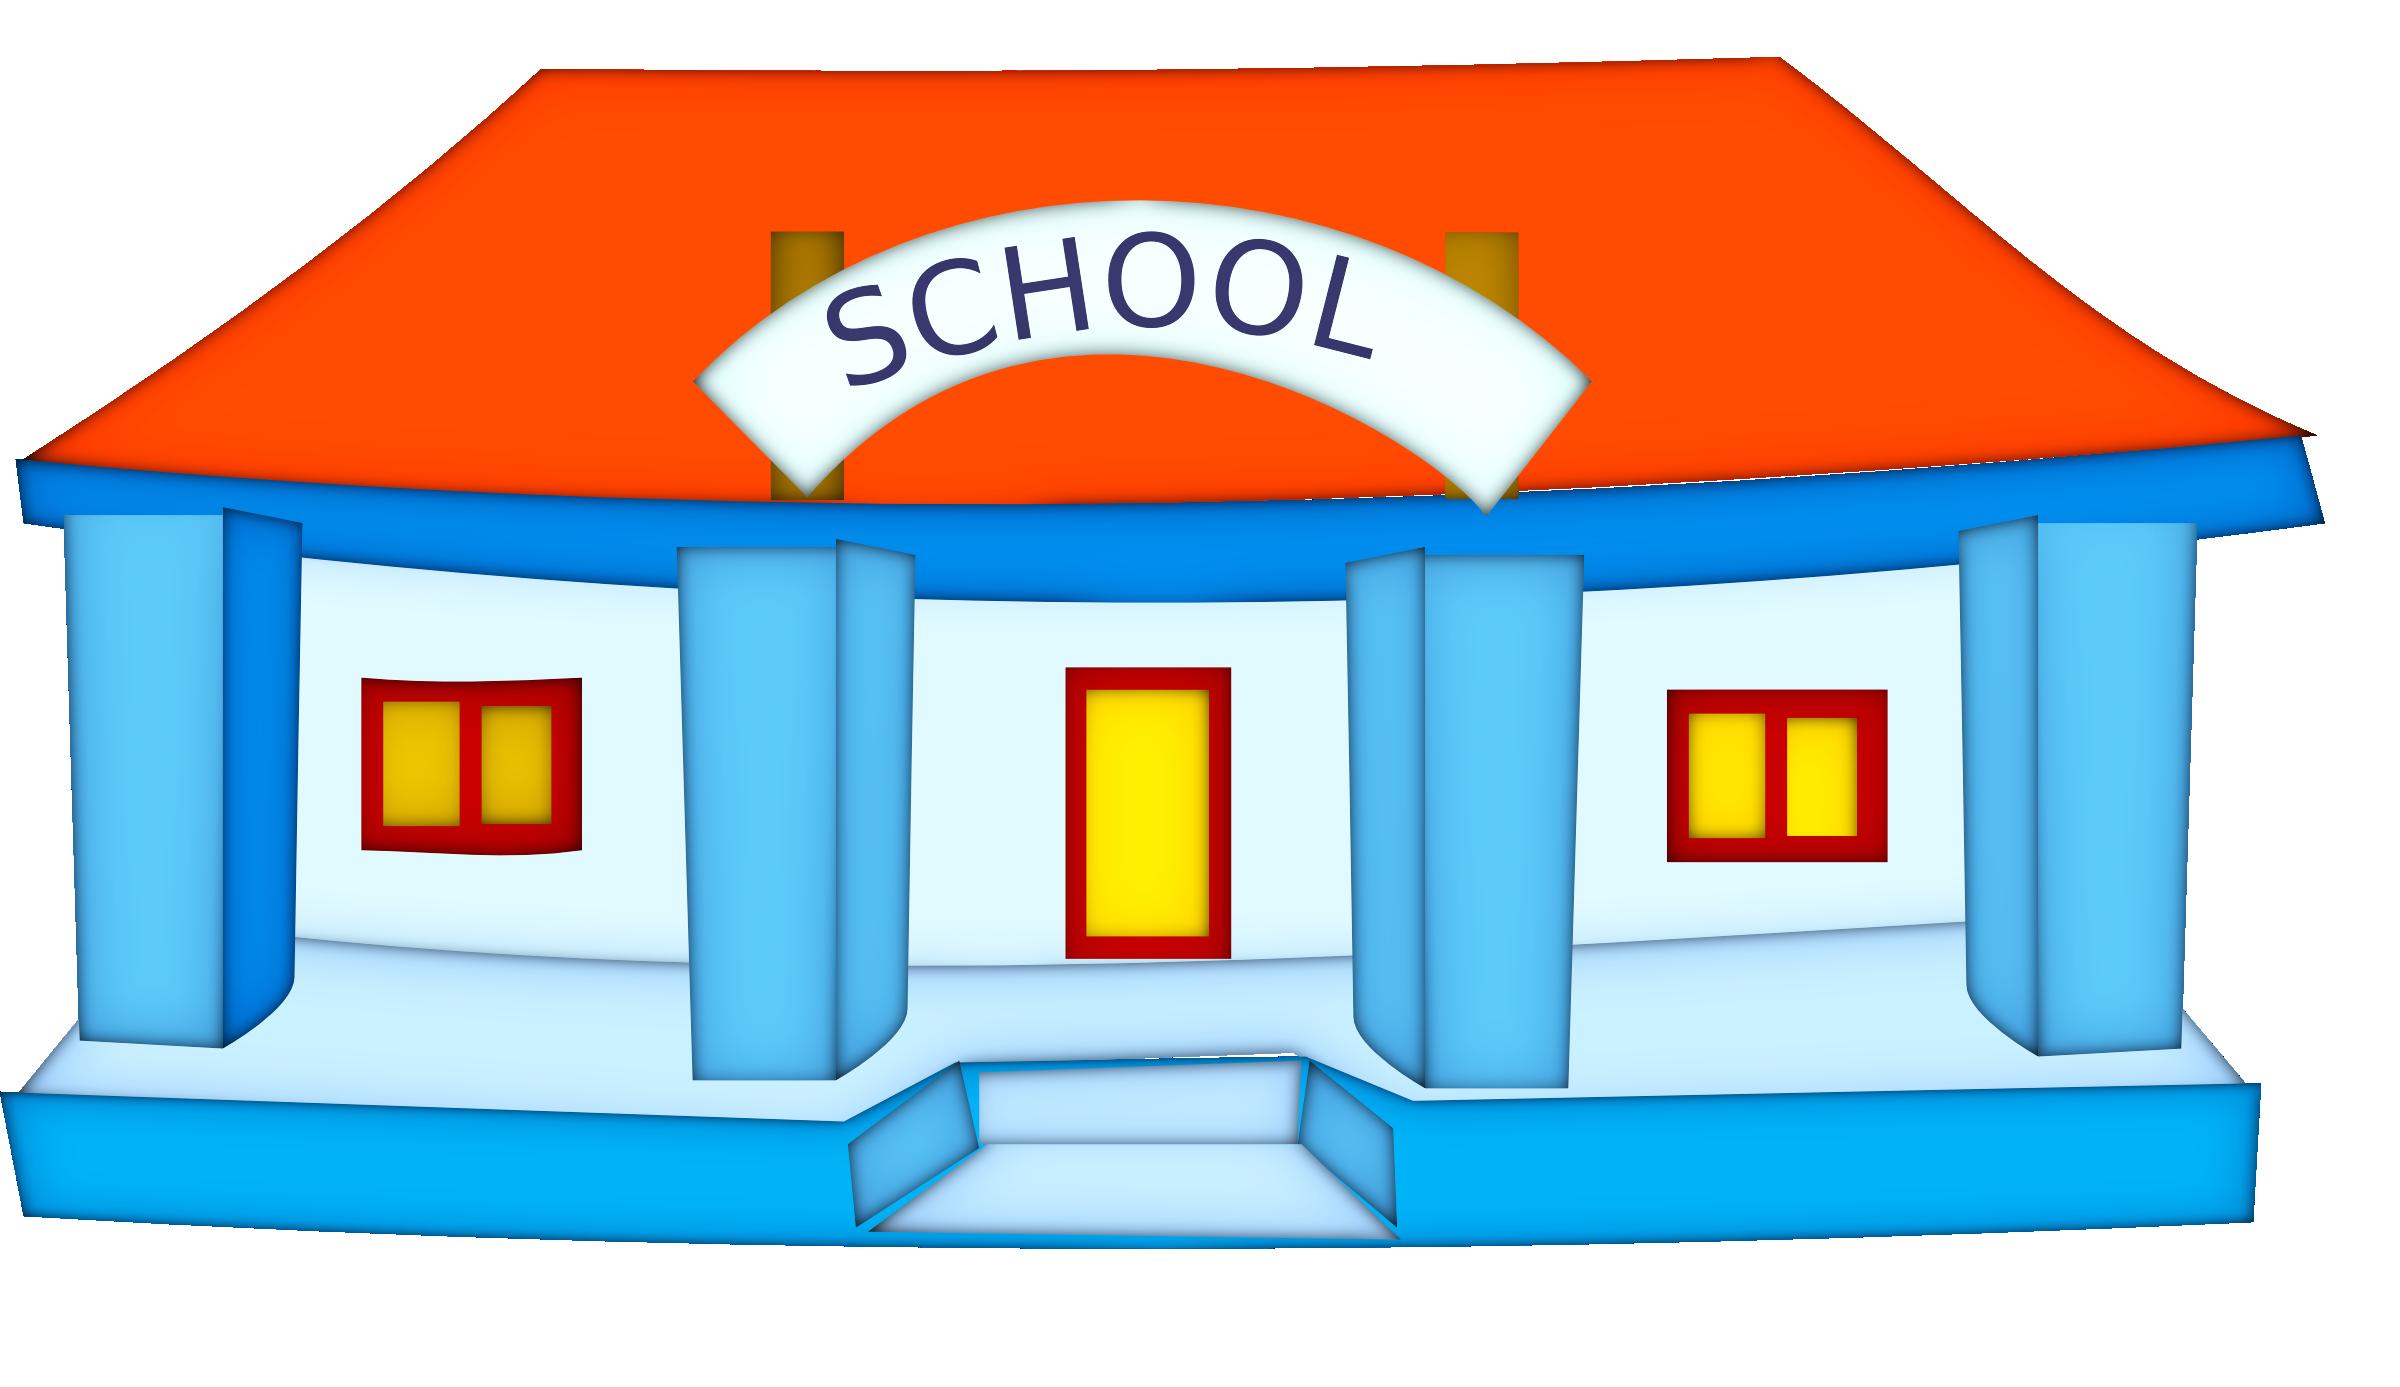 School Clipart.